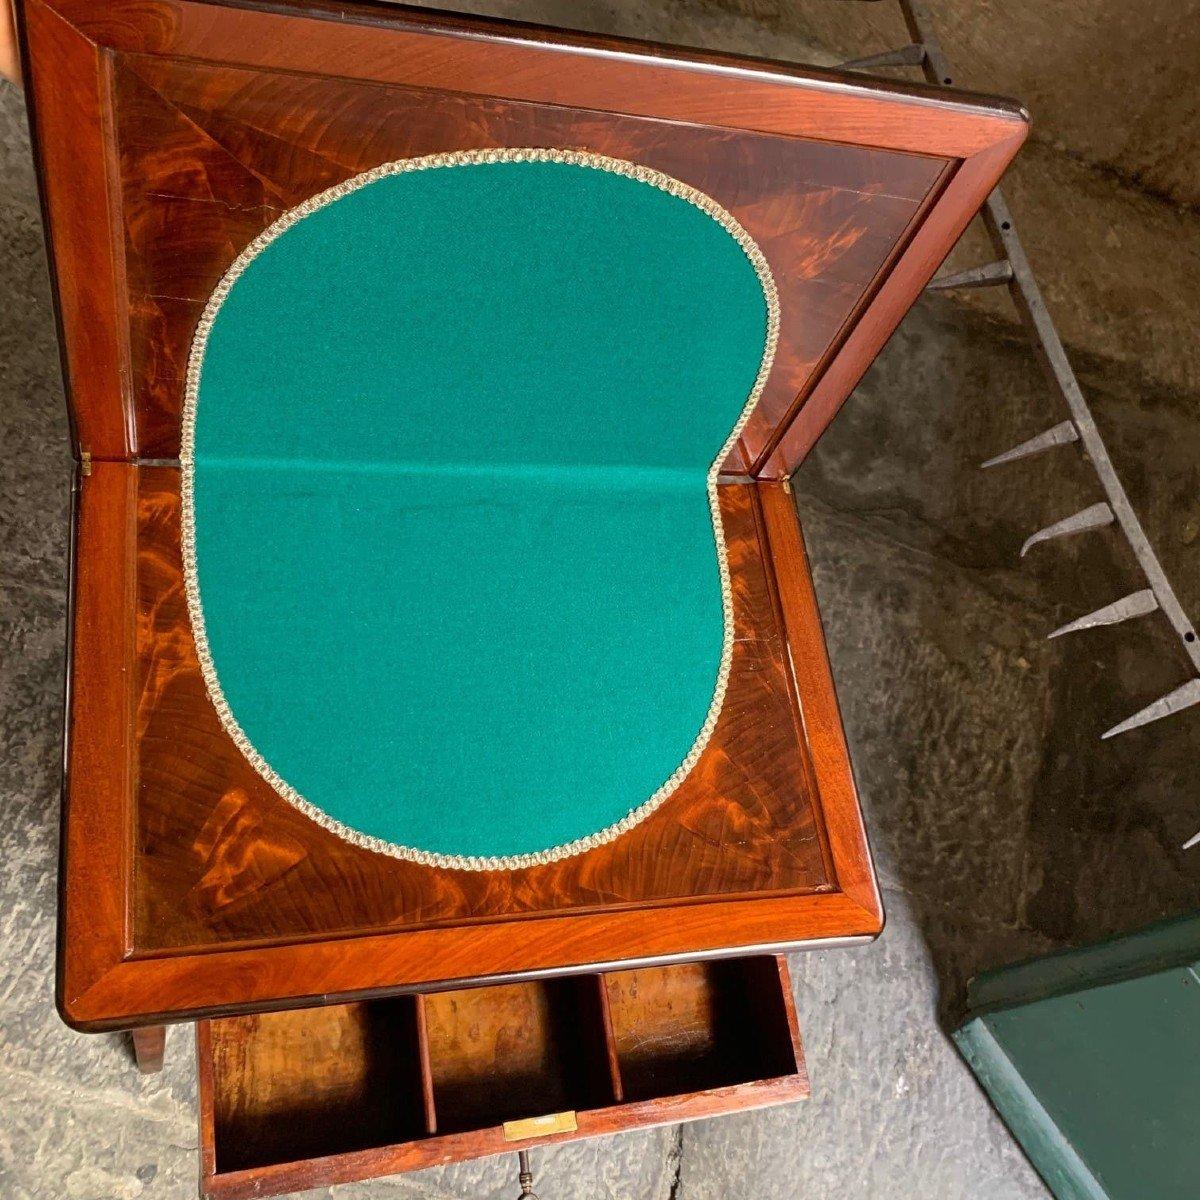 Table à jeux-photo-1